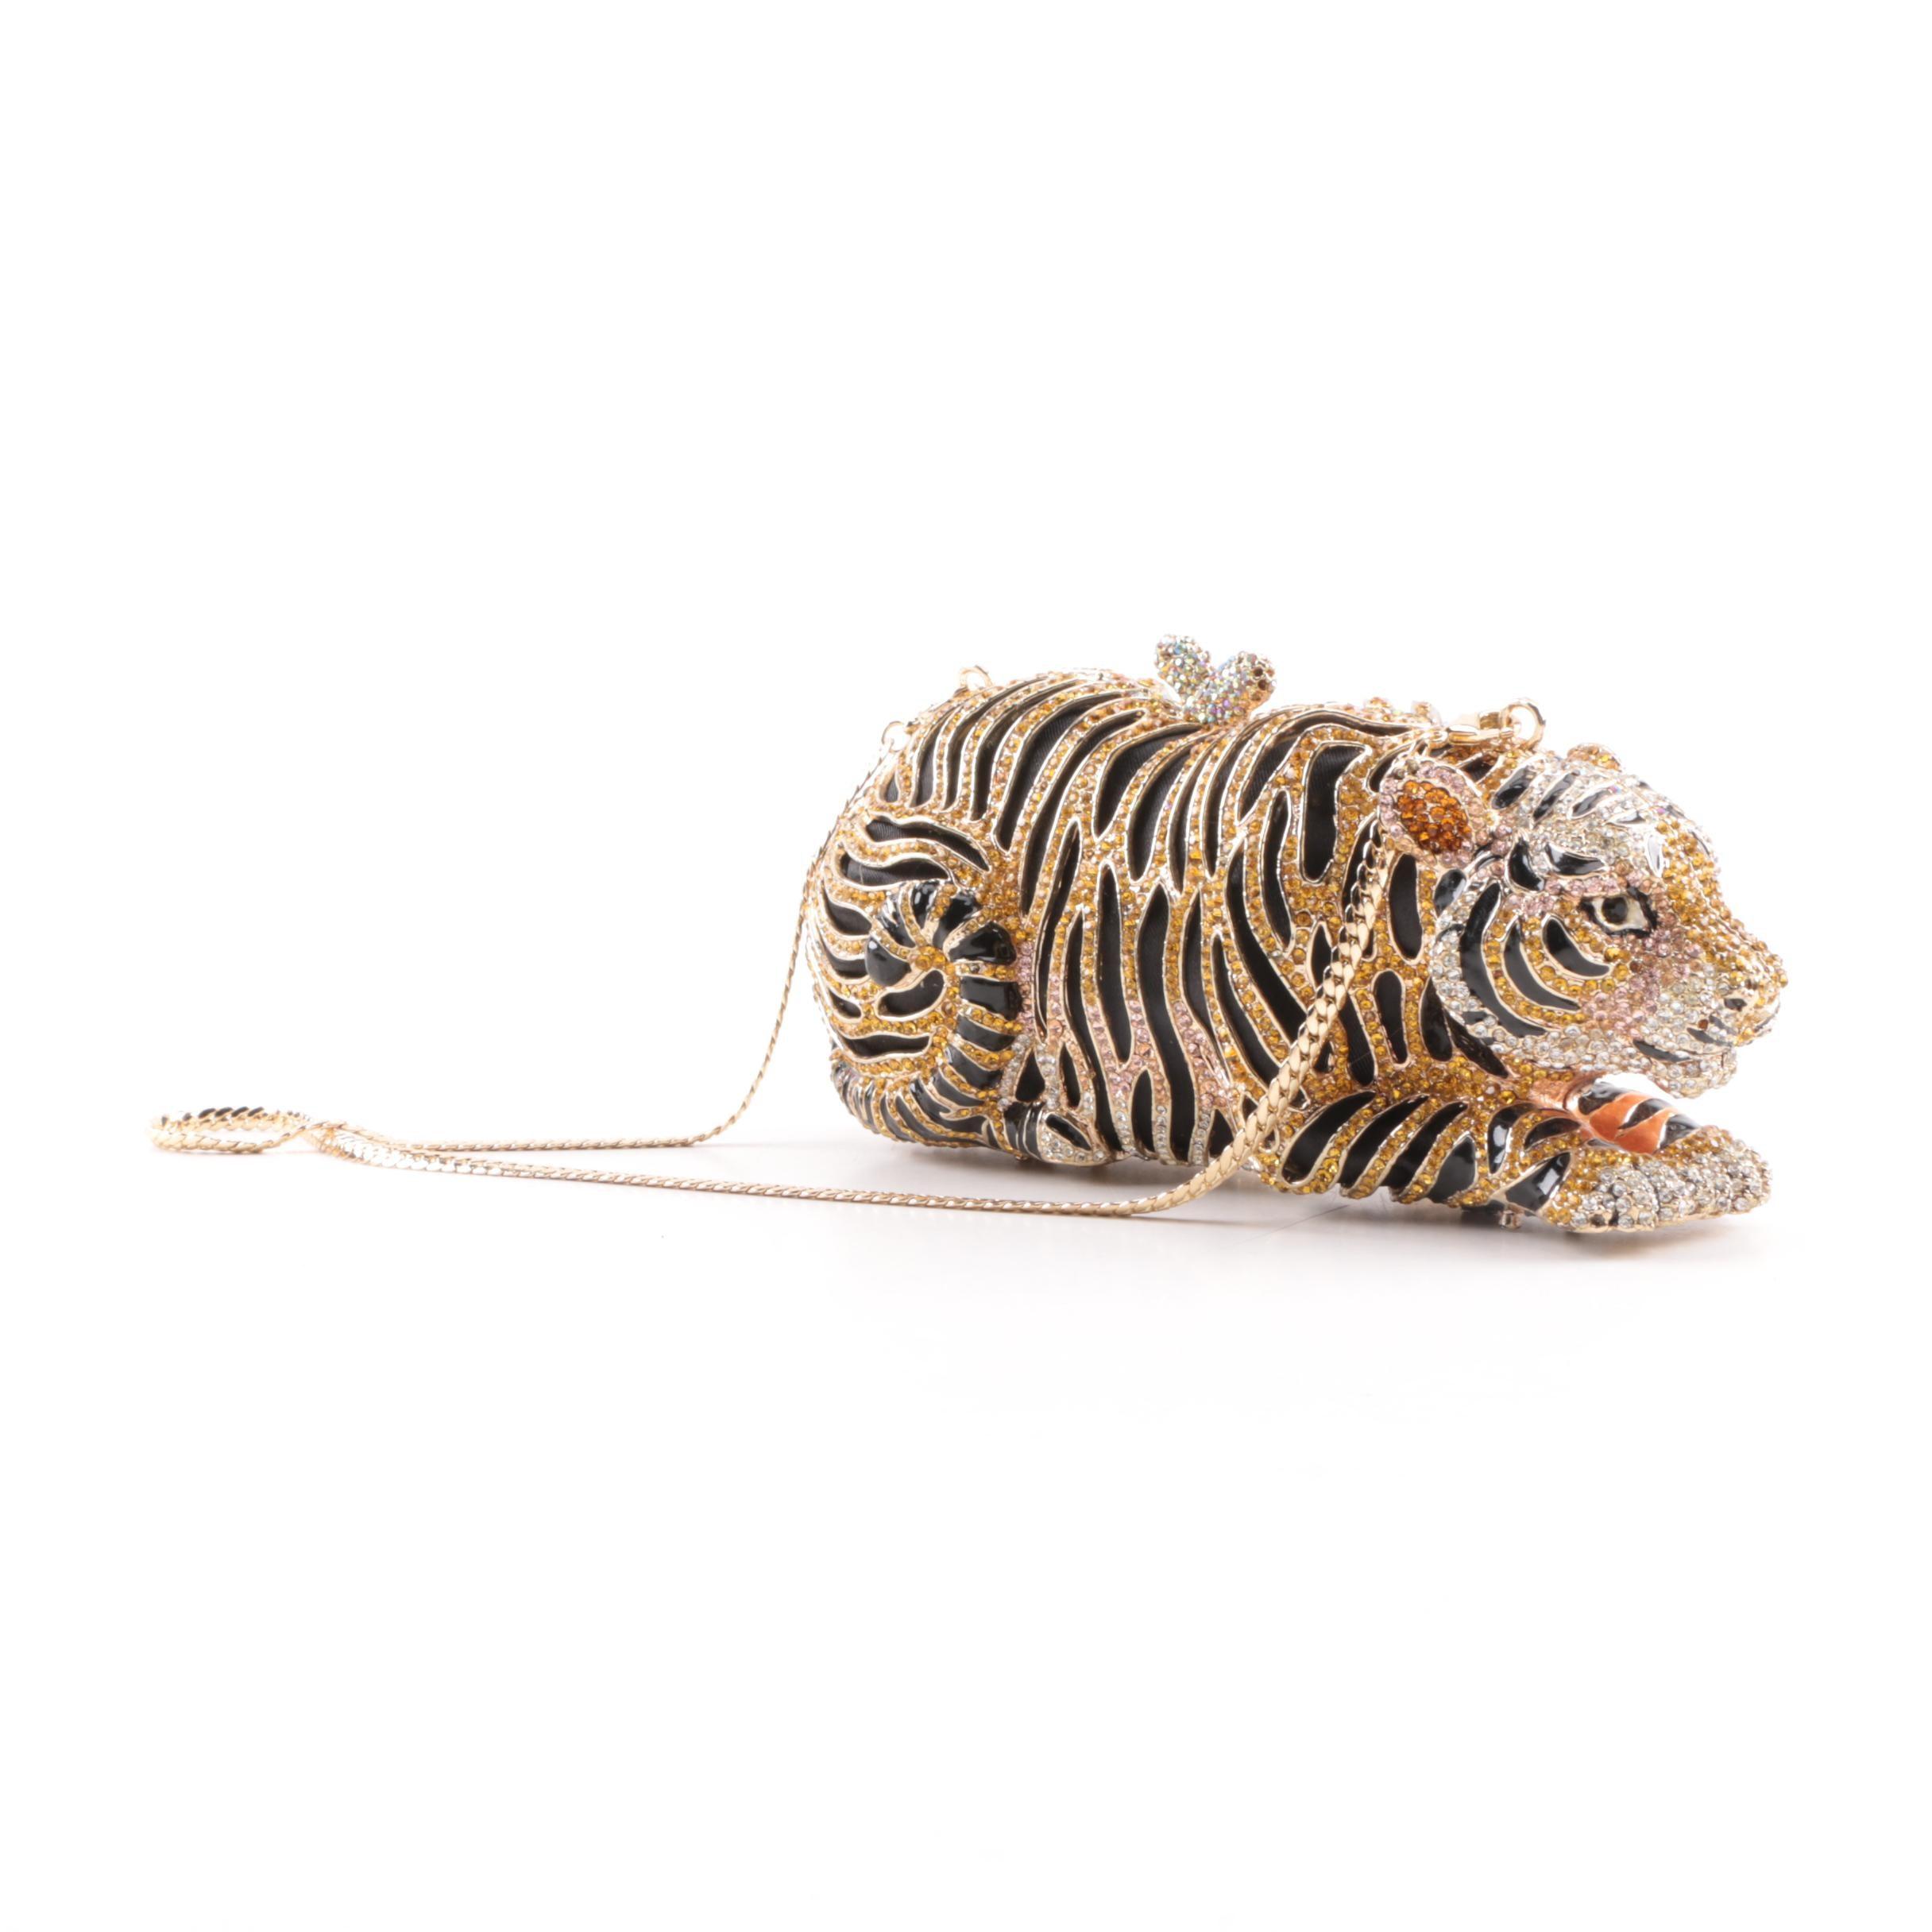 Rhinestone and Enameled Tiger Clutch Purse